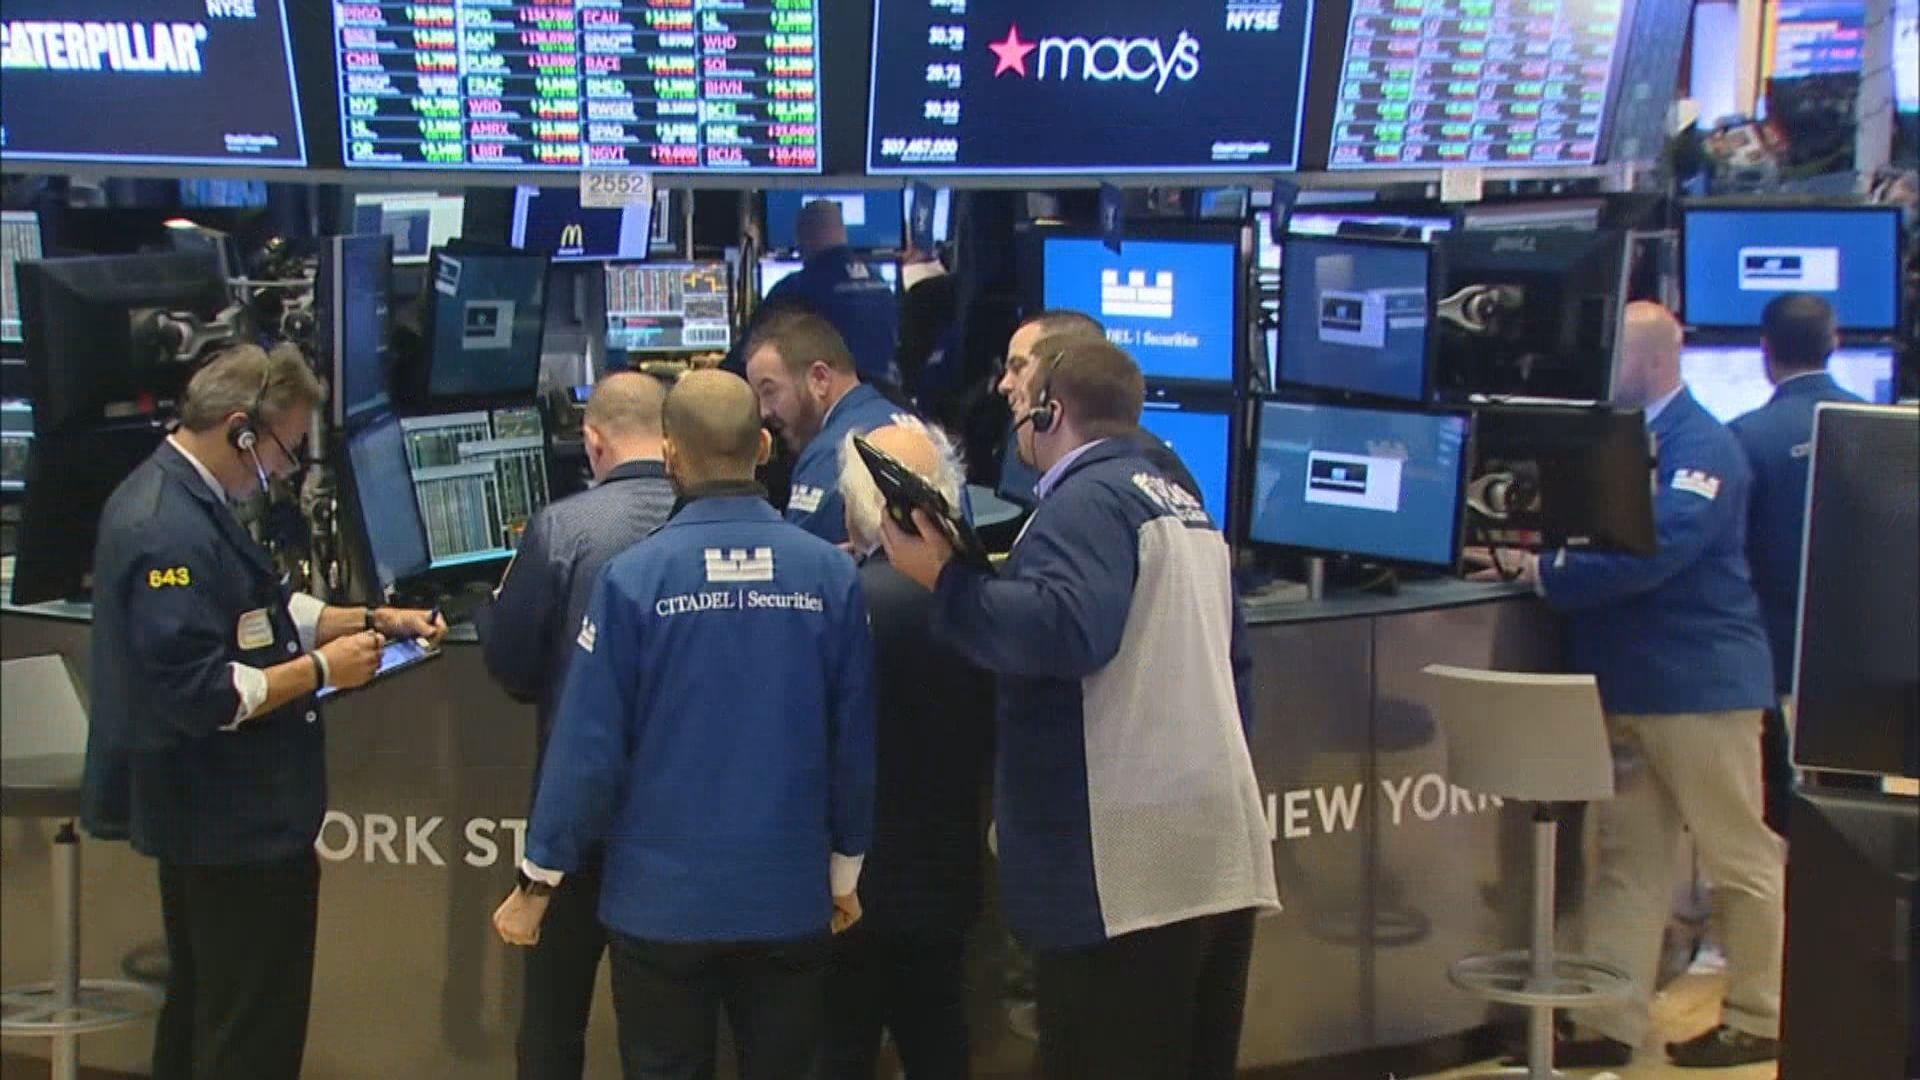 標指及納指高收 傳白宮研推措施鼓勵美國人買股票